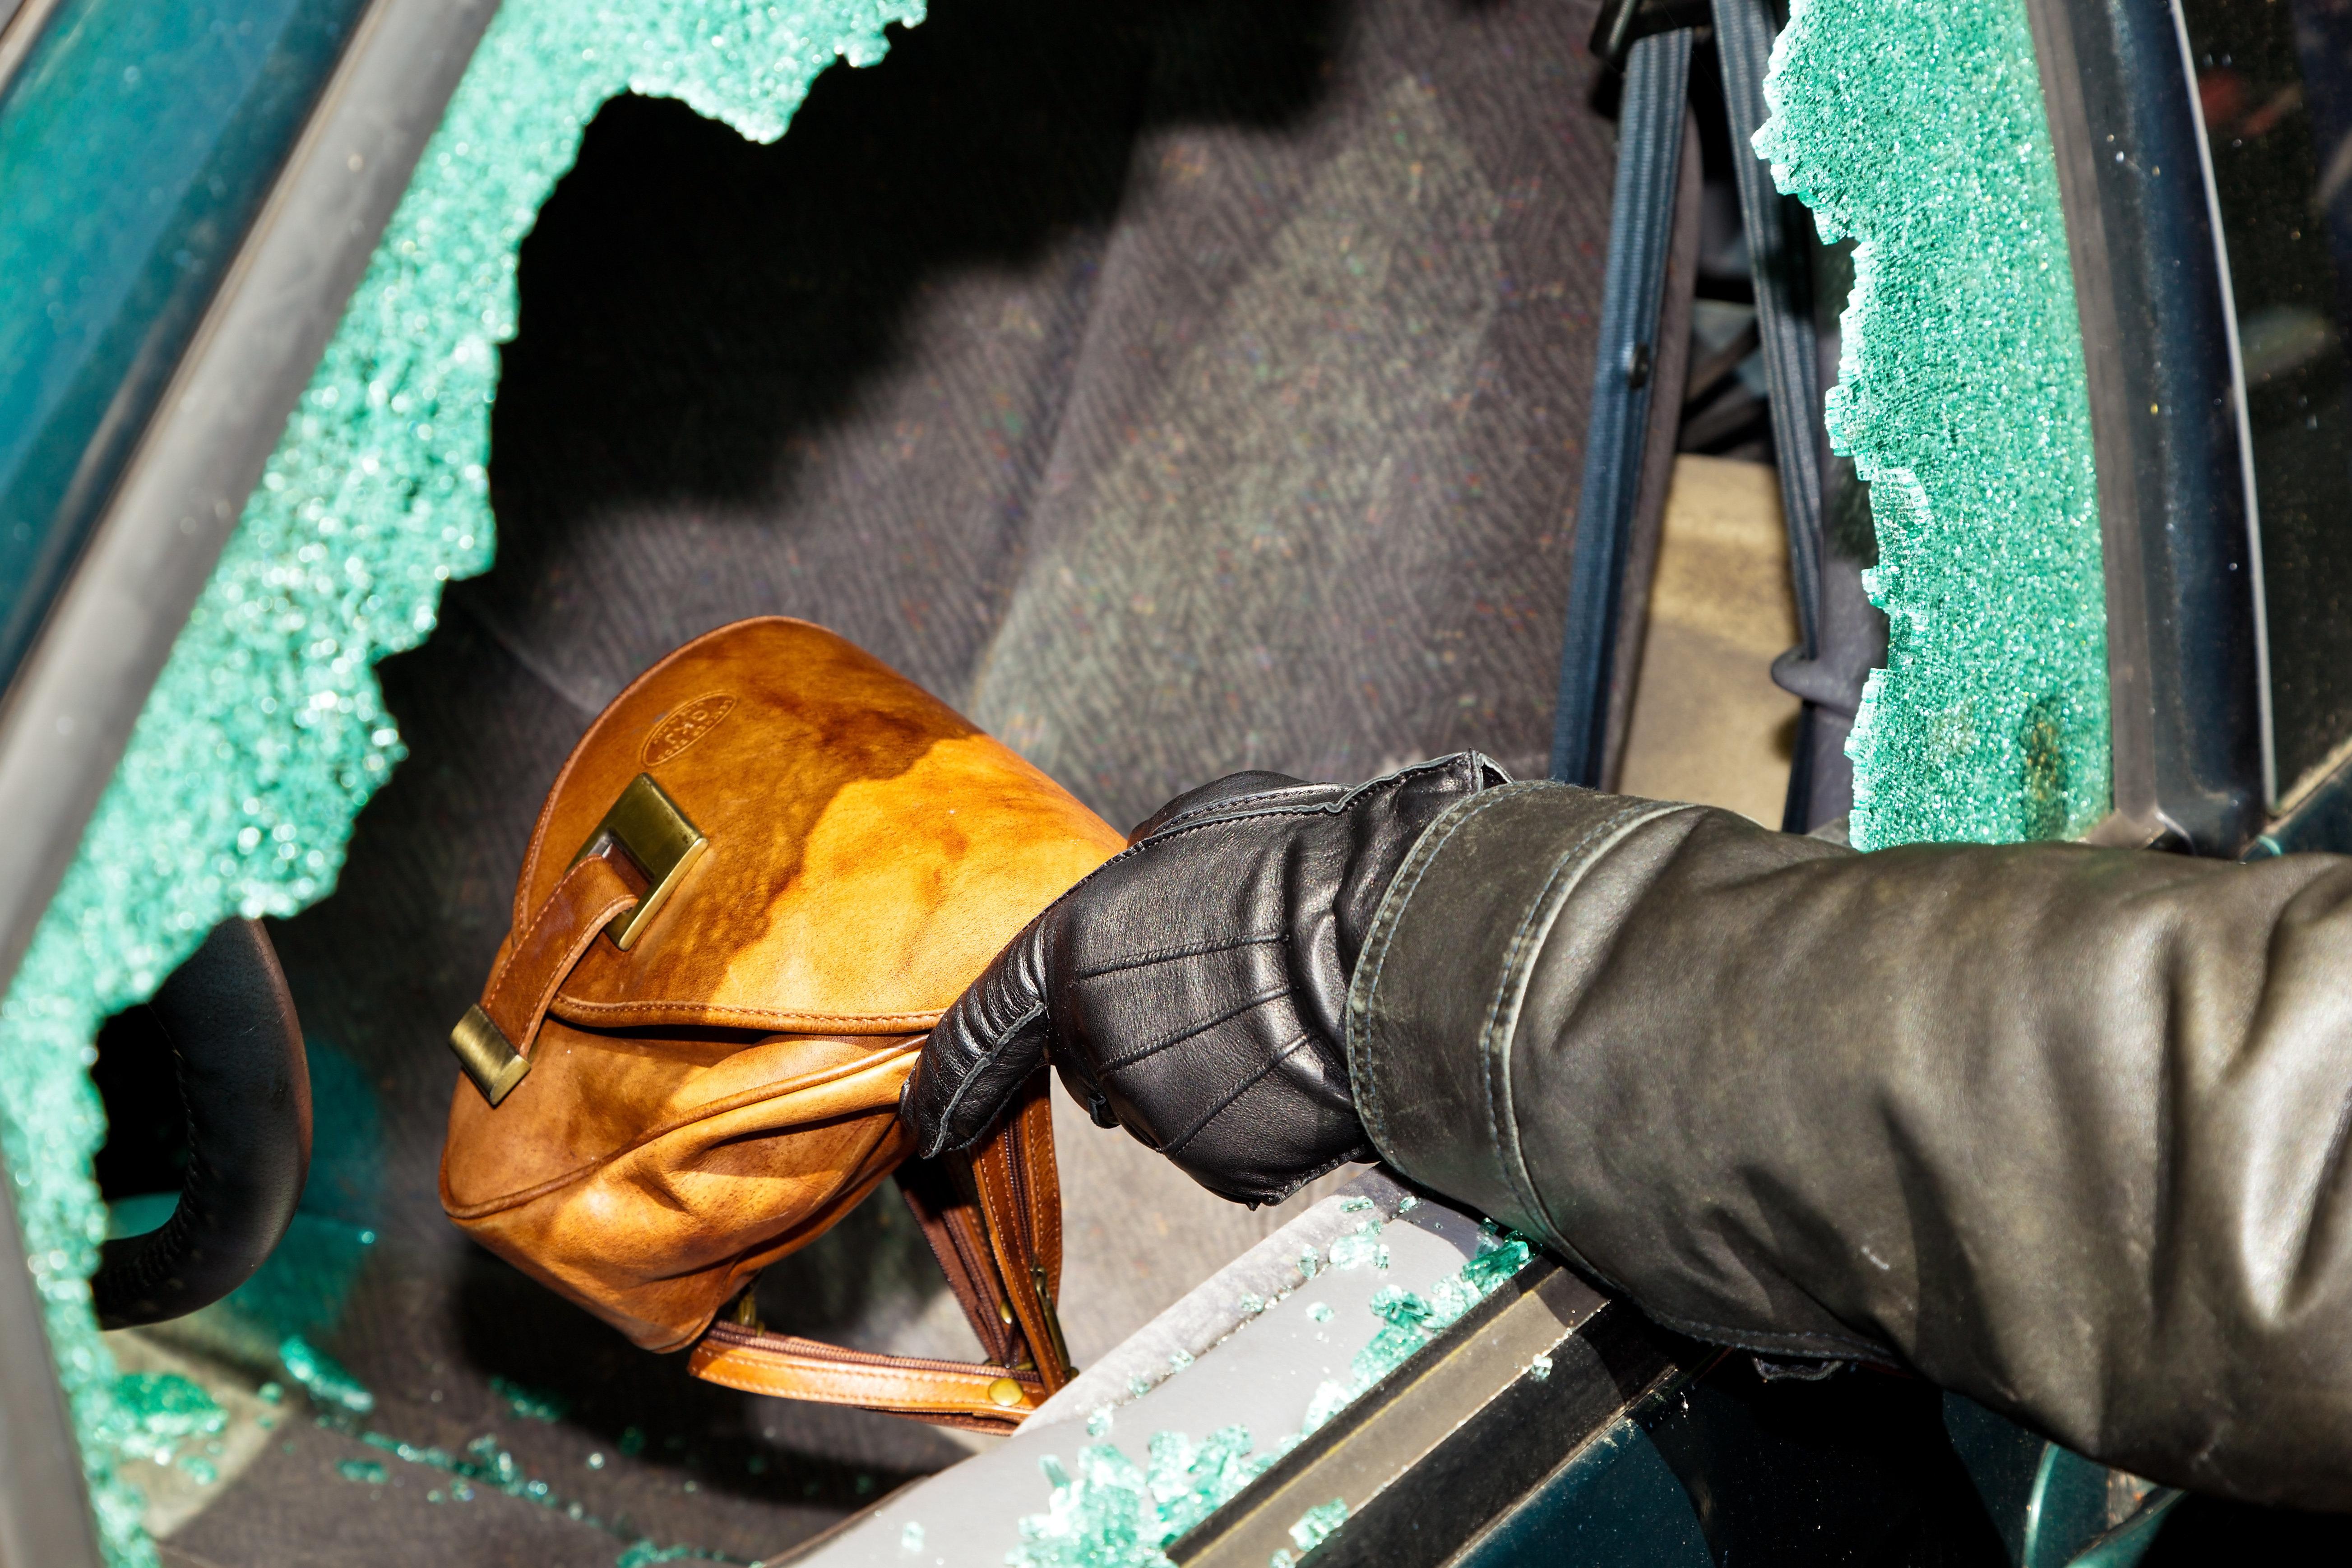 Diebe stehlen 81-Jähriger Tasche aus Auto – was verloren geht, bricht ihr das